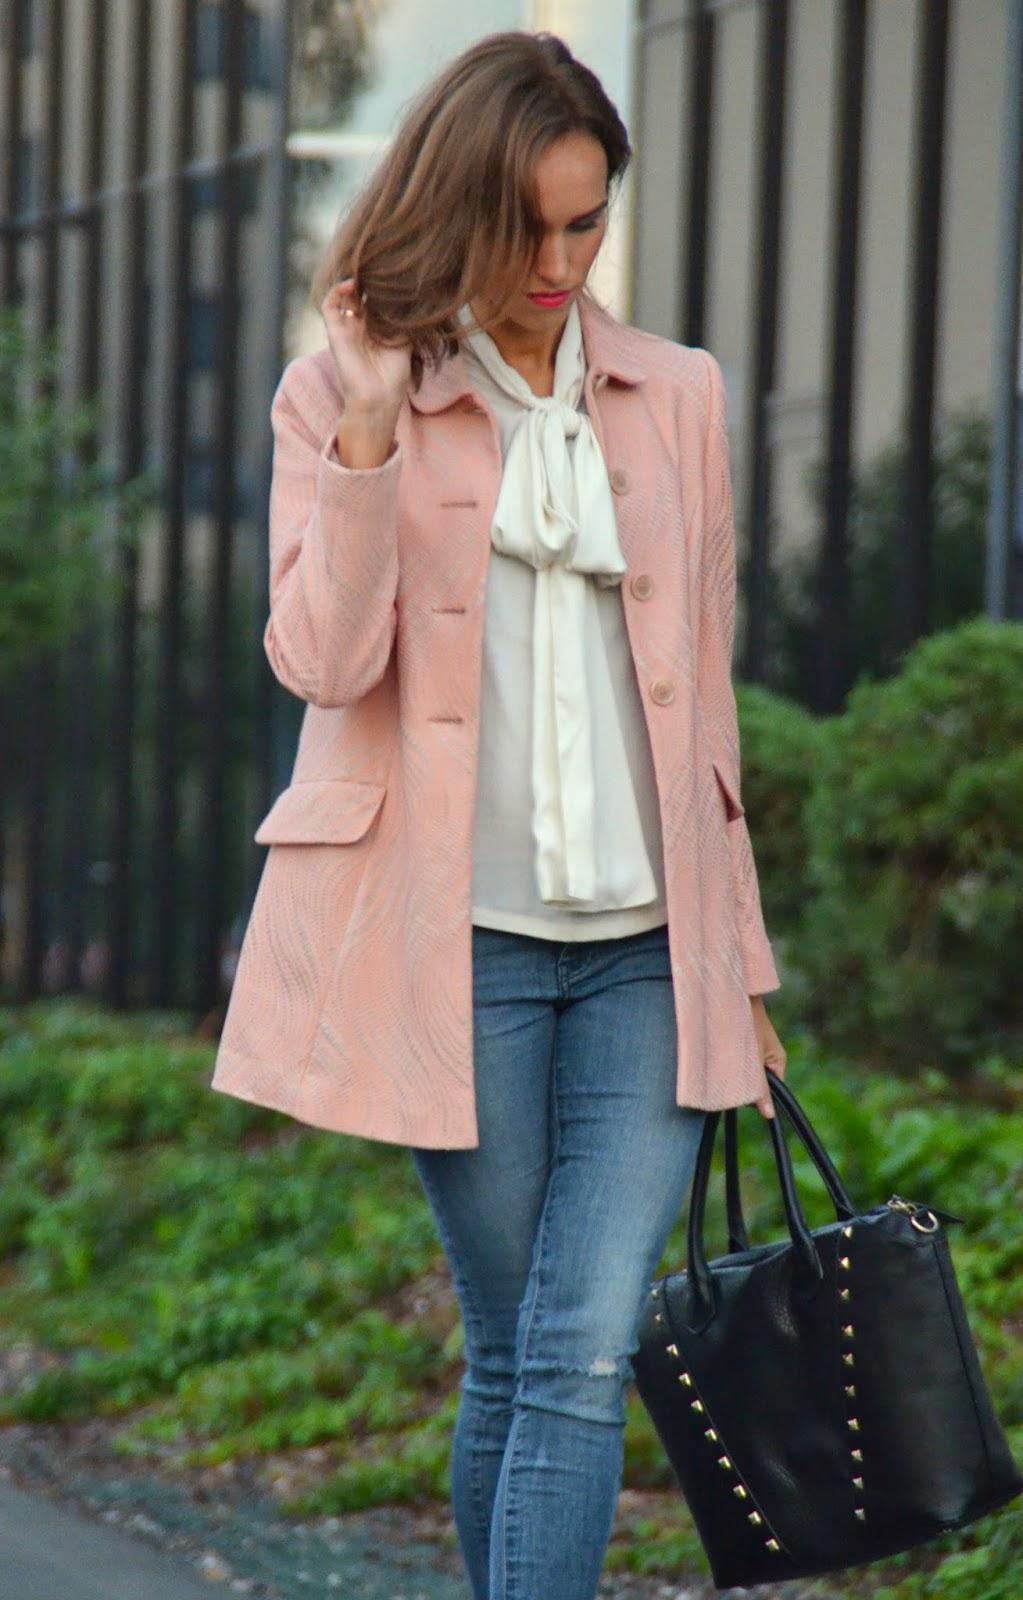 primark-coat-asos-blouse-zara-heels